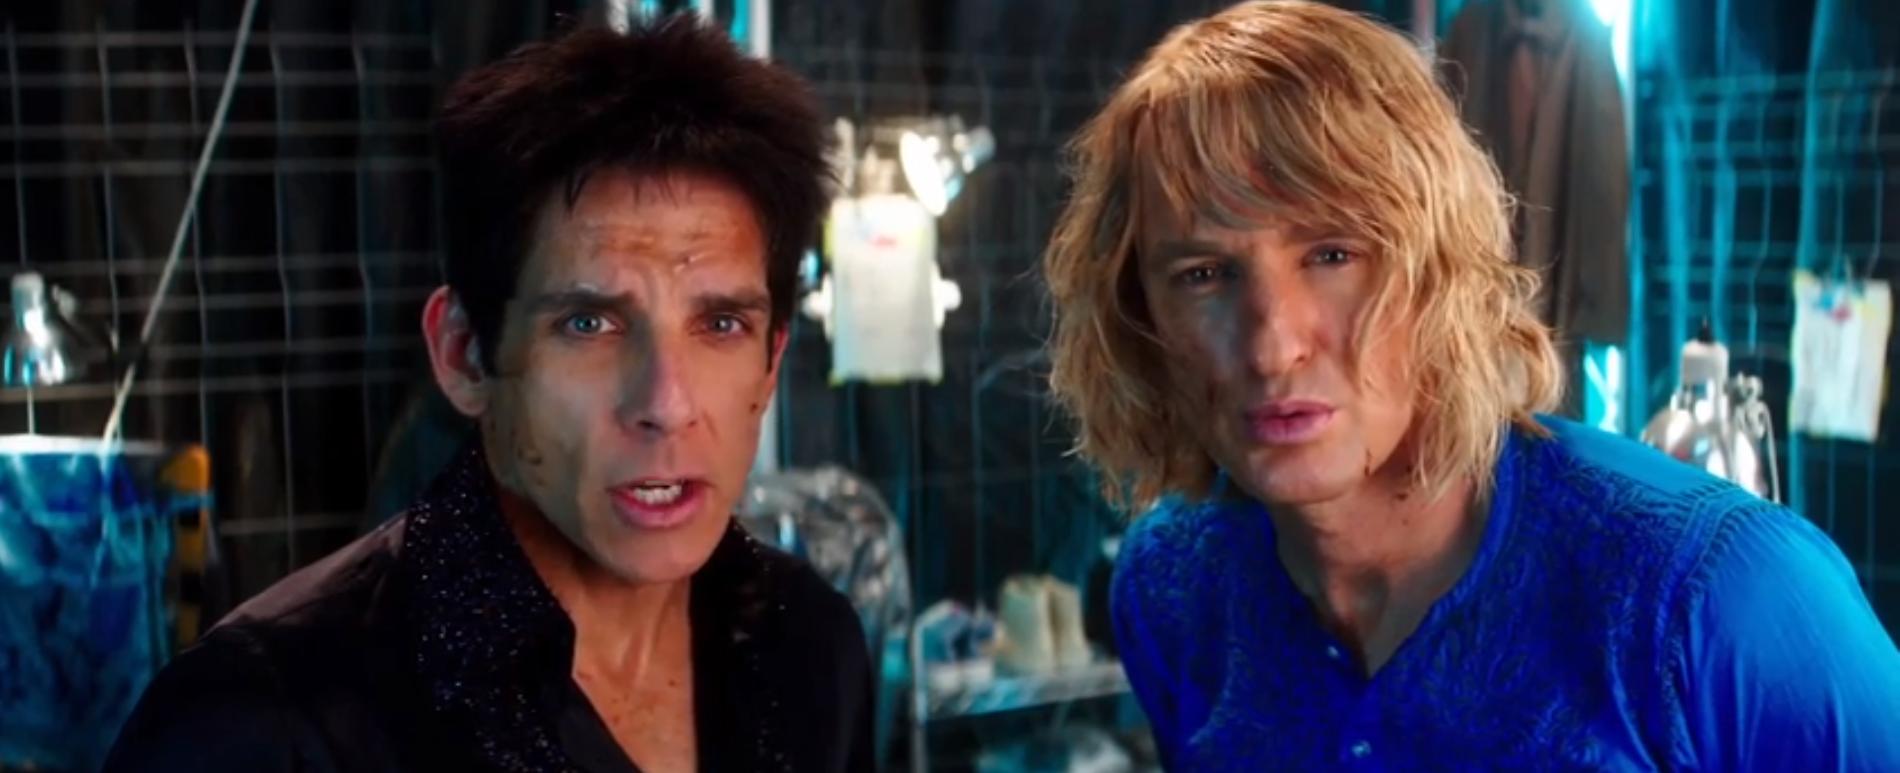 """In """"Zoolander 2"""" kämpfen Ben Stiller und Owen Wilson gegen die Mafia, die alle schönen Menschen umbringen will."""